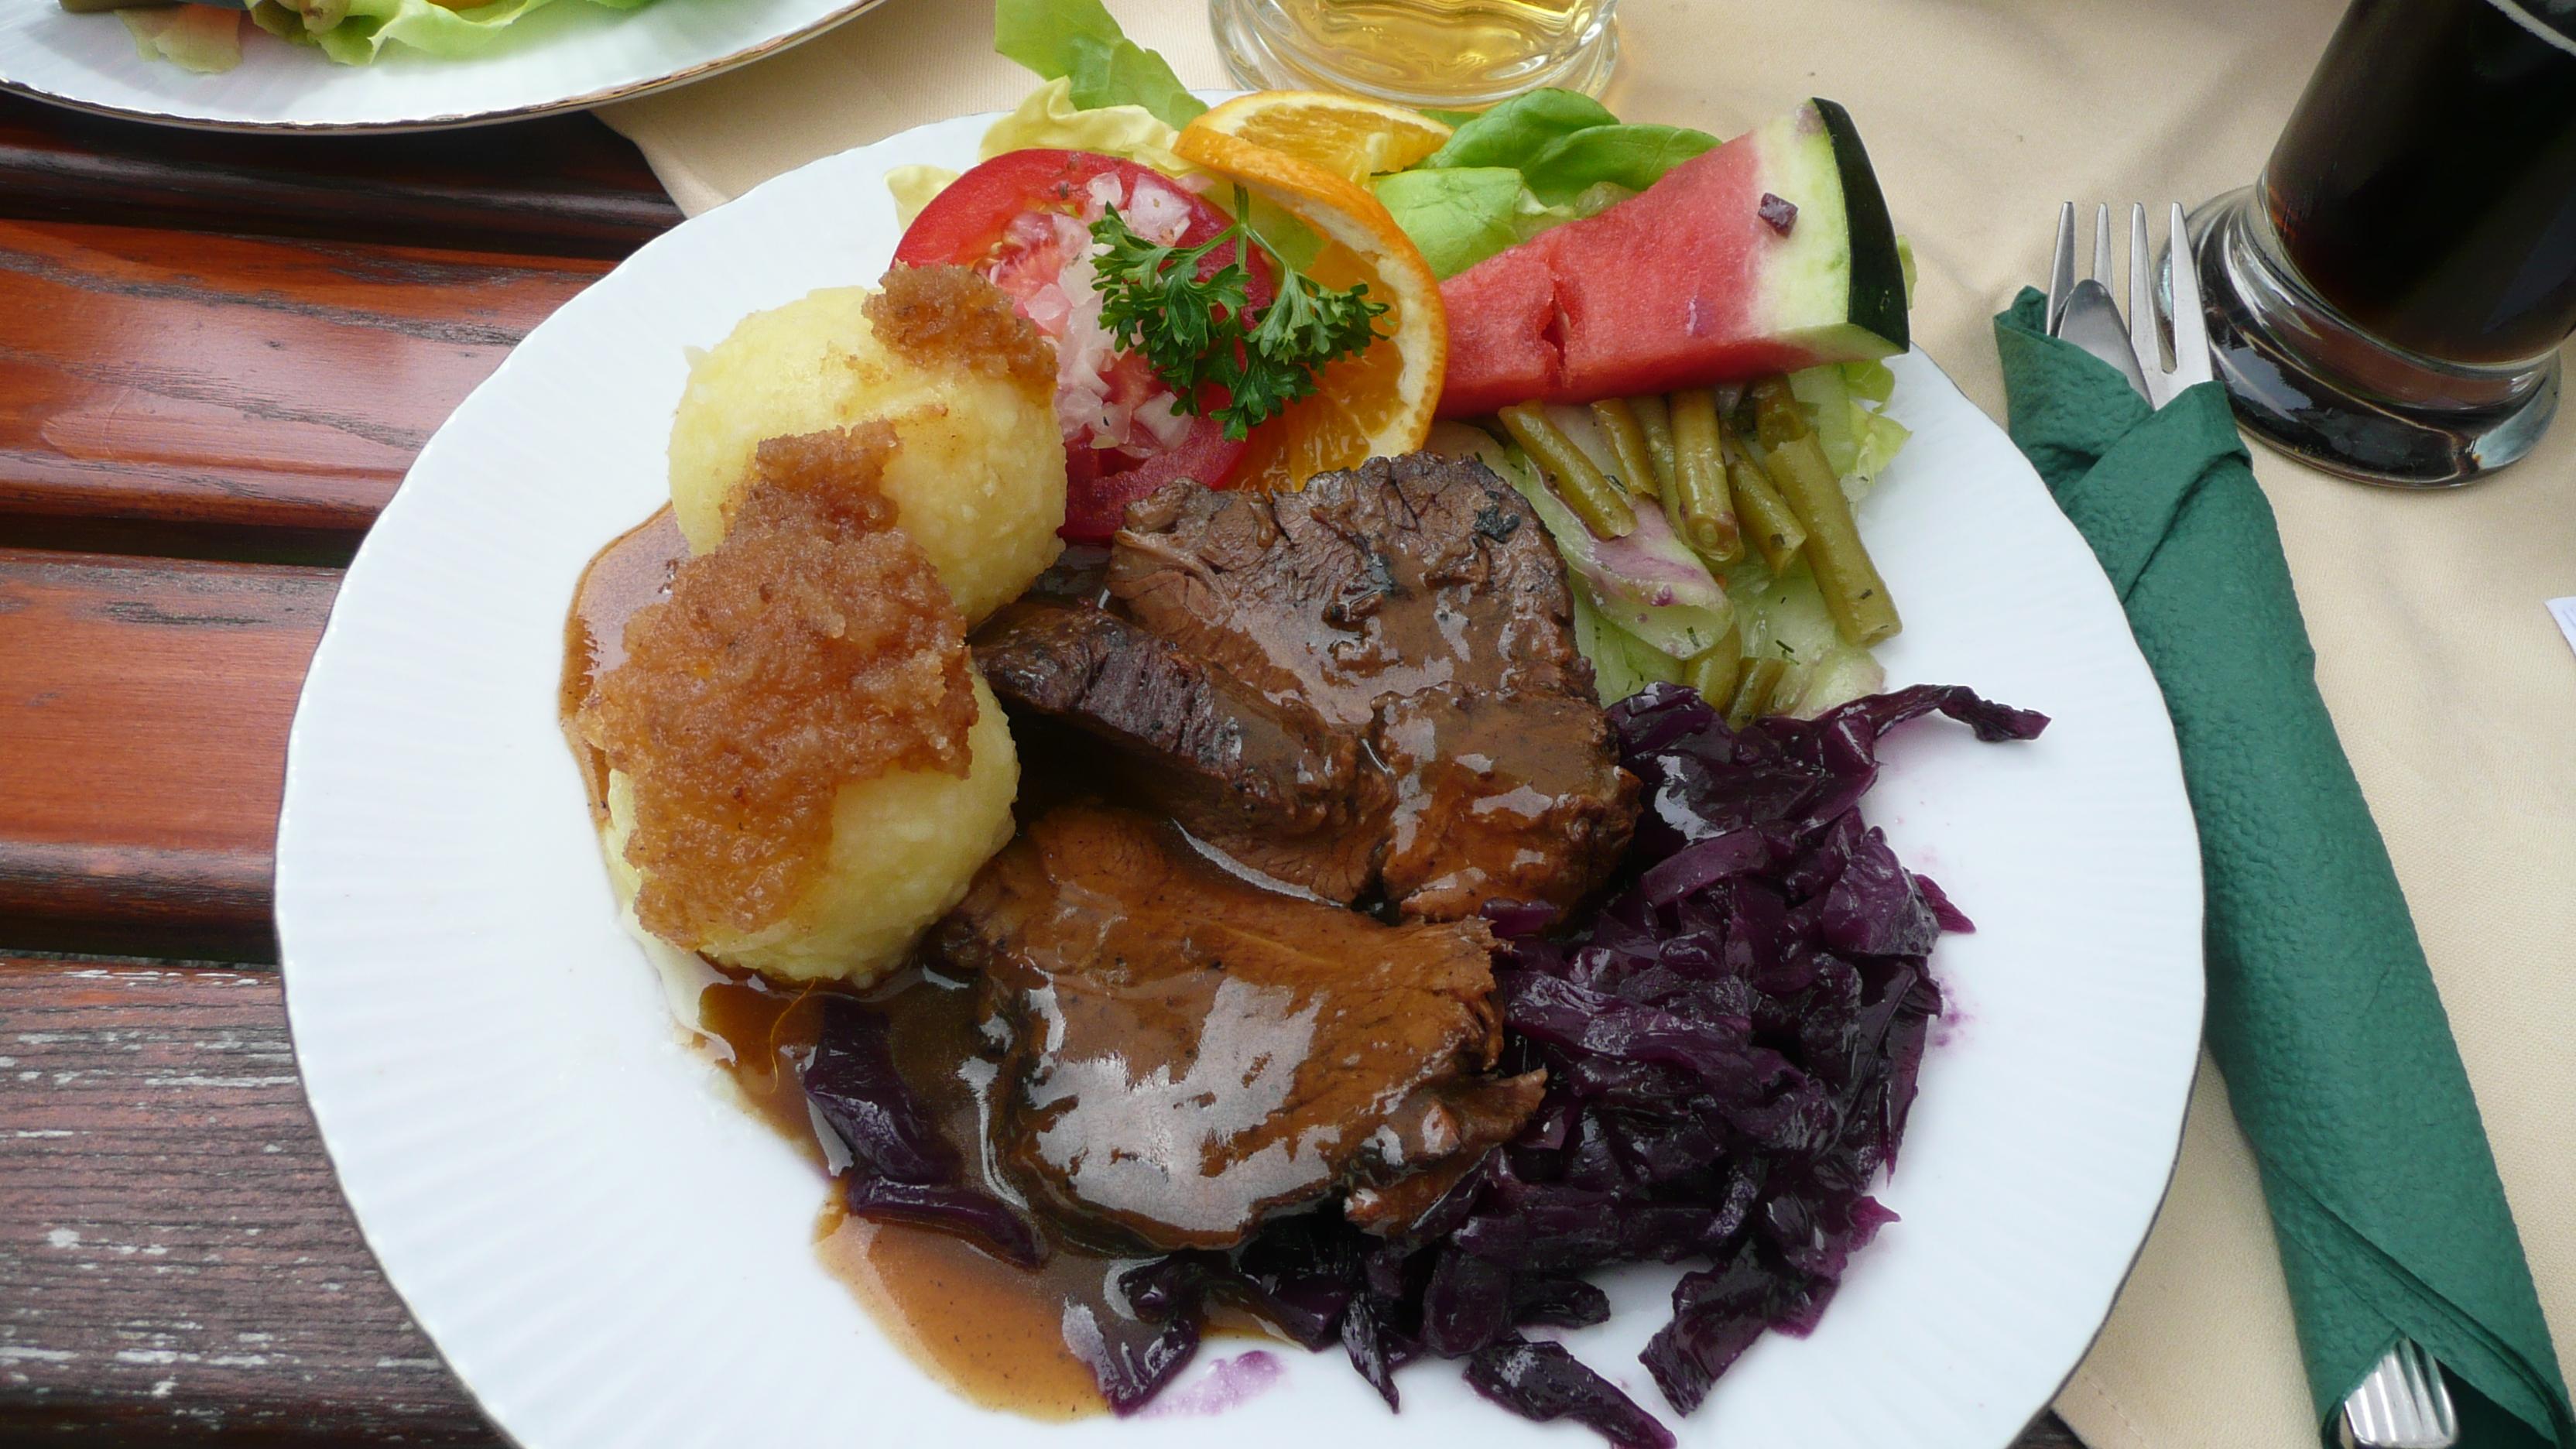 Deutsche kuchen spezialitaten